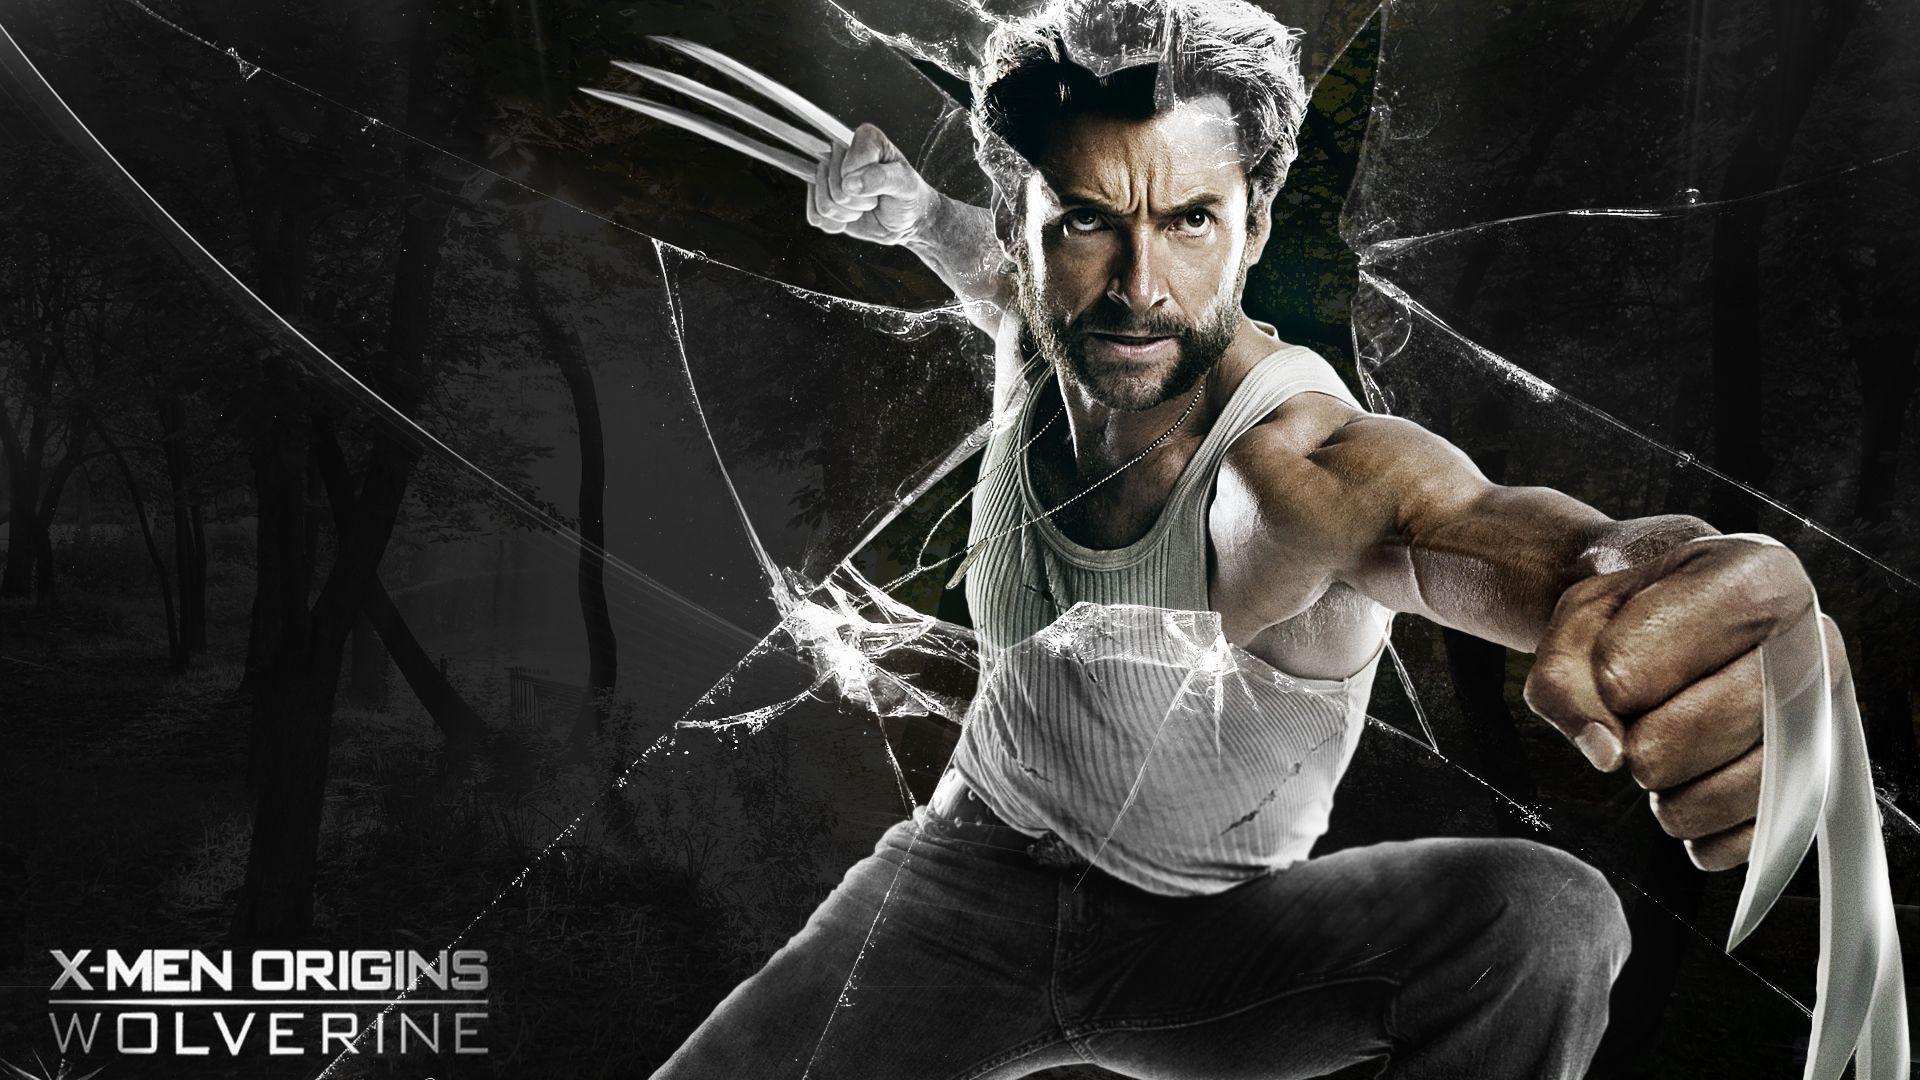 Wolverine Wallpaper 1080p By Skstalker On Deviantart Wolverine